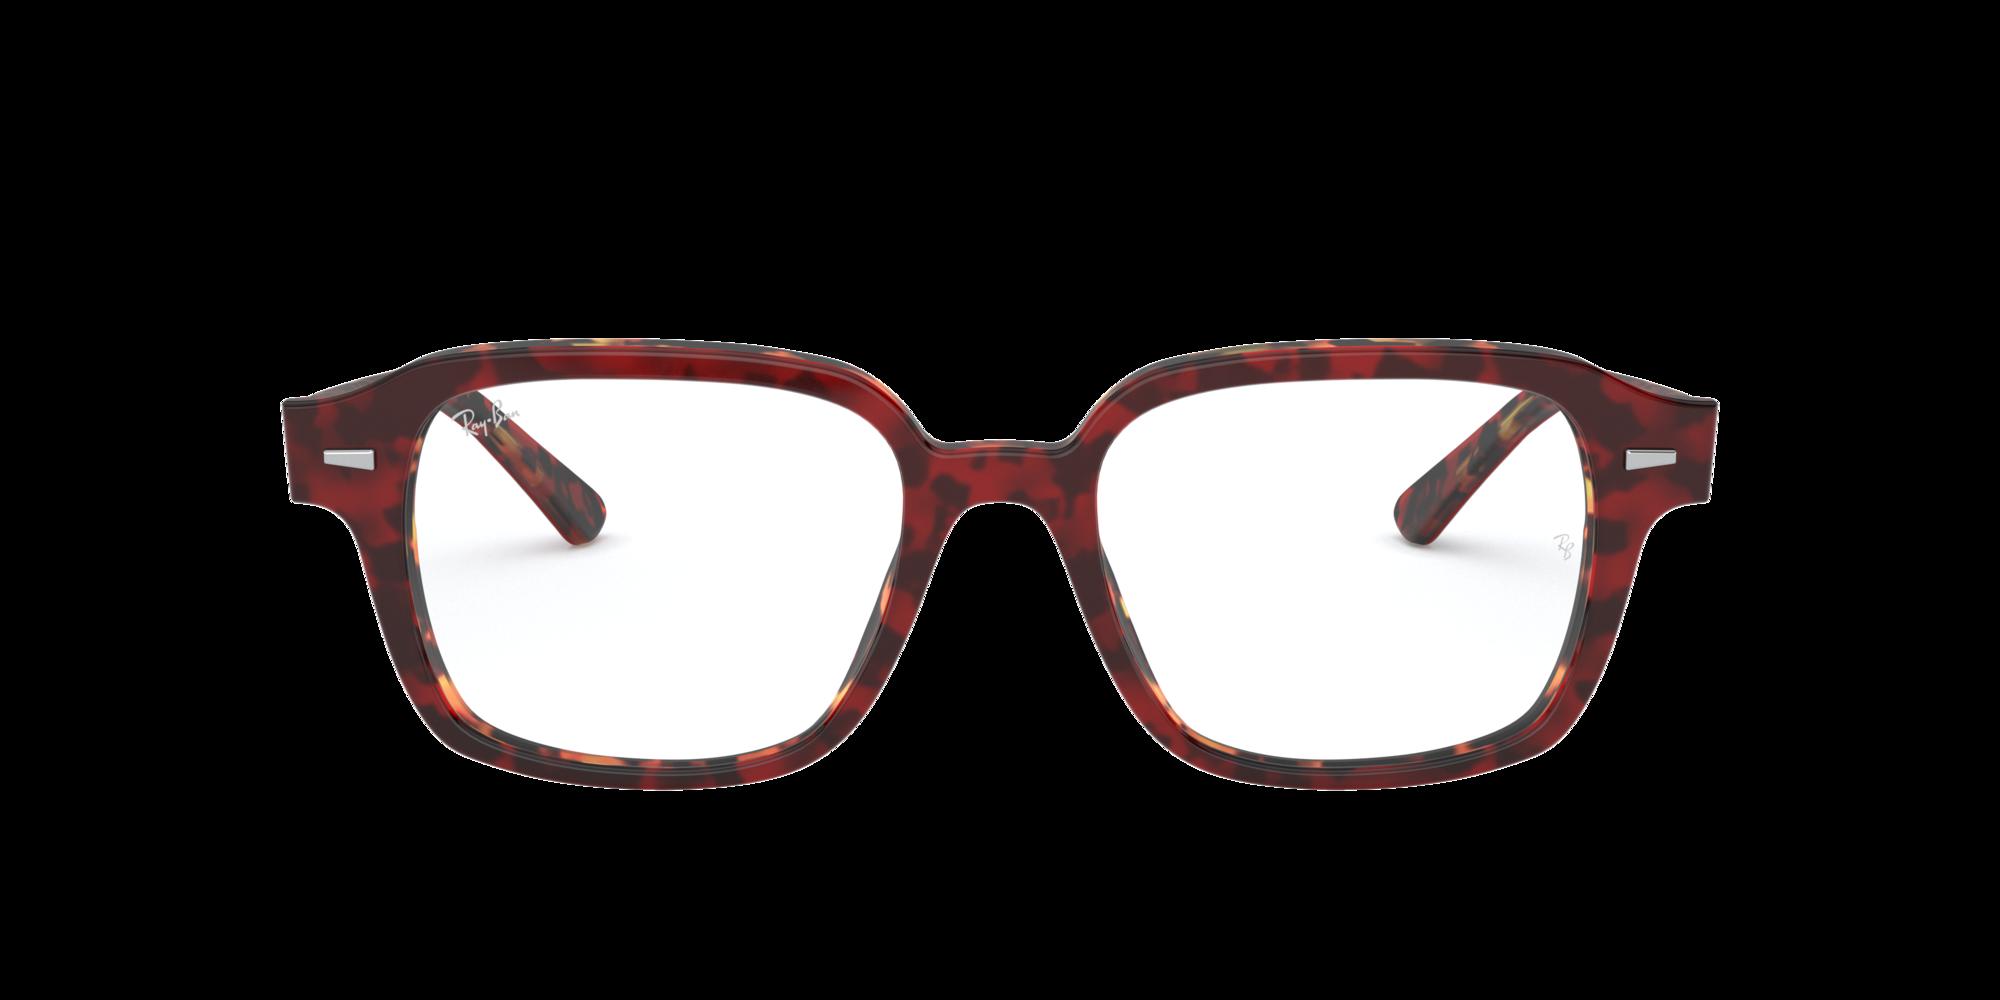 Imagen para RX5382 de LensCrafters |  Espejuelos, espejuelos graduados en línea, gafas